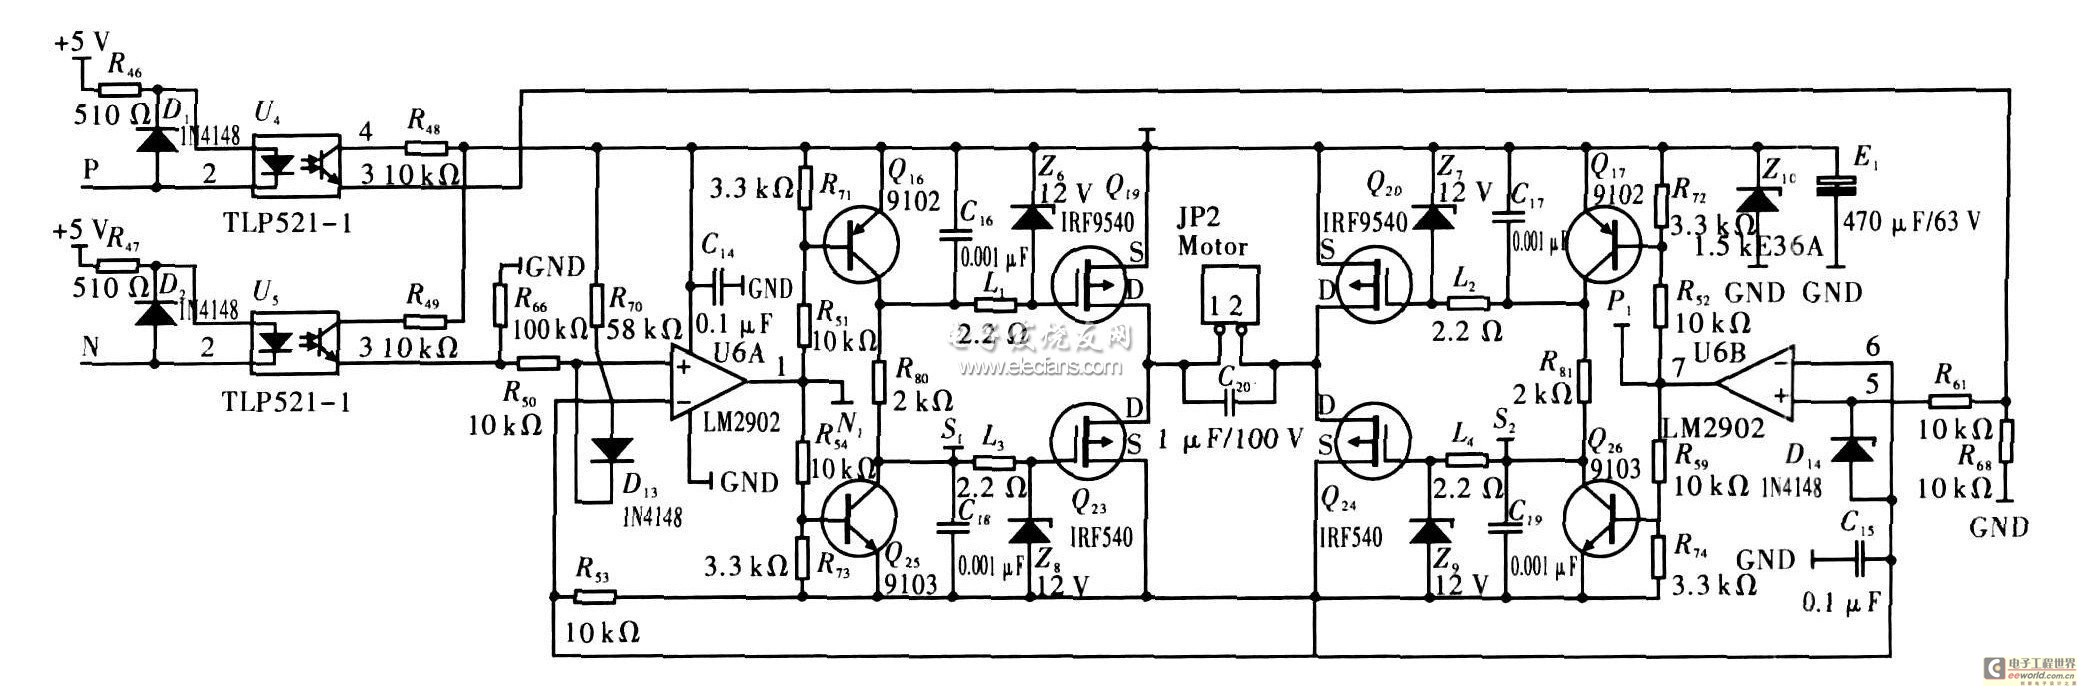 基于MOSFET的驱动电路设计